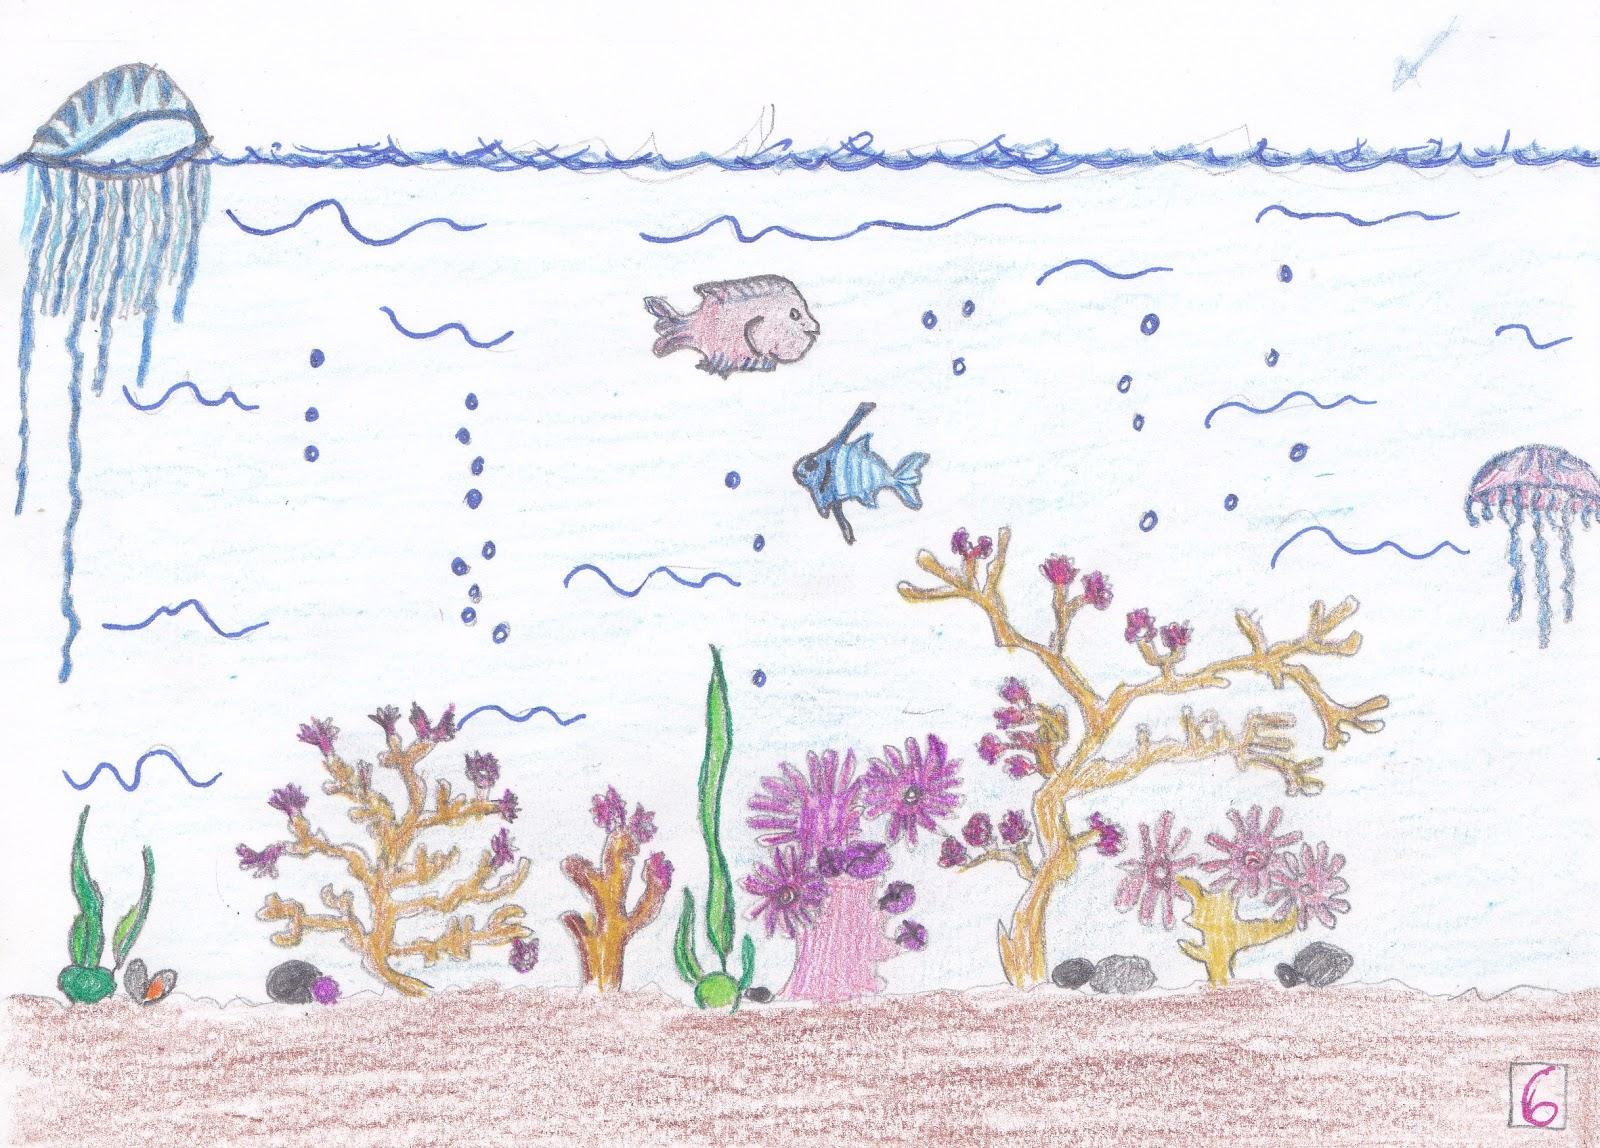 Arrecifes De Coral Para Ninos - Tracyengel.club